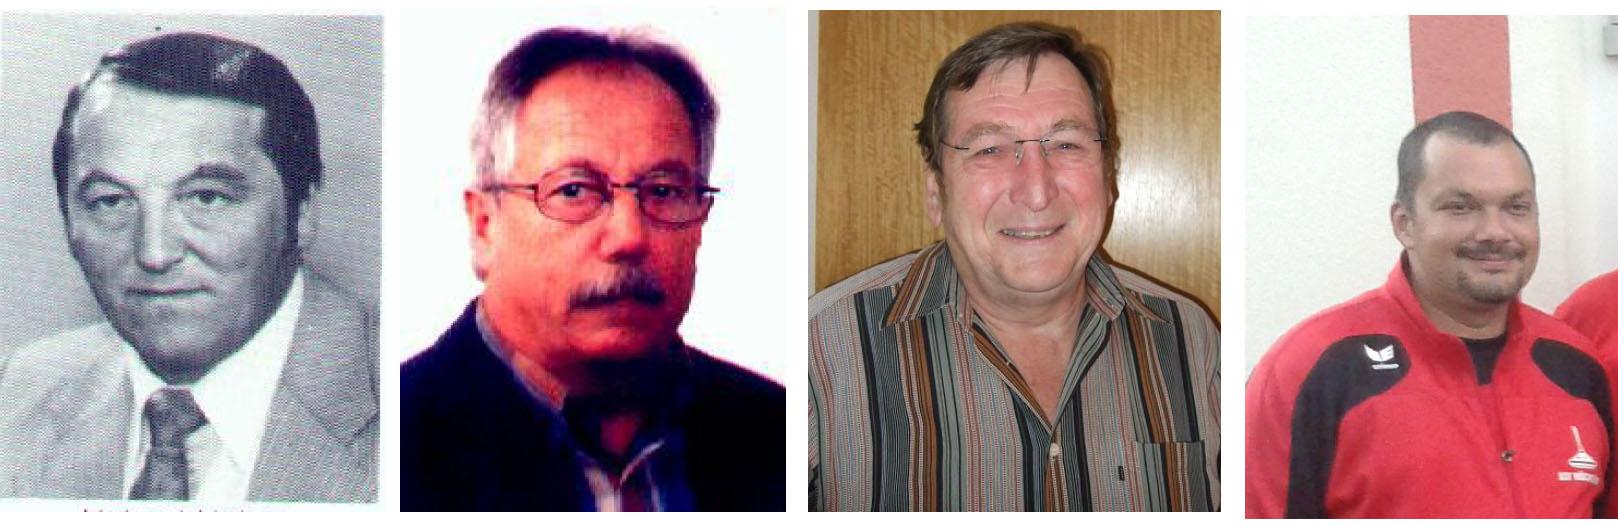 V.l.n.r. die Abteilungsleiter der Stockschützen: Helmut Huber (1984 – 1987), Helmut Winkler (1987 – 2000), Erich Dabrowski (2000 – 2013) und Rudi Karg (seit 2013).